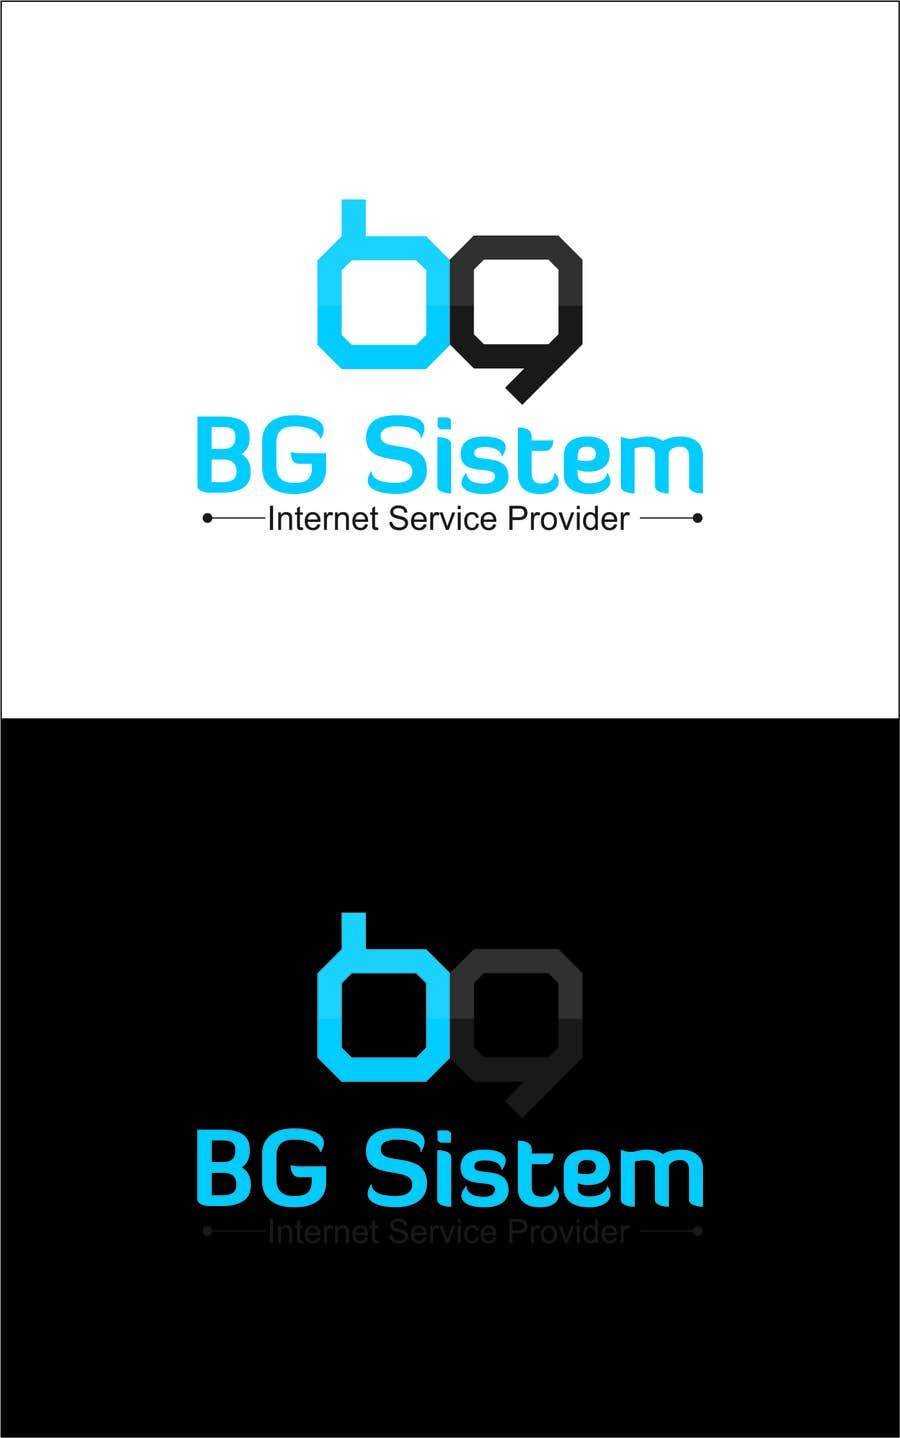 Konkurrenceindlæg #175 for Design / Re-Design For Web Hosting Company Logo